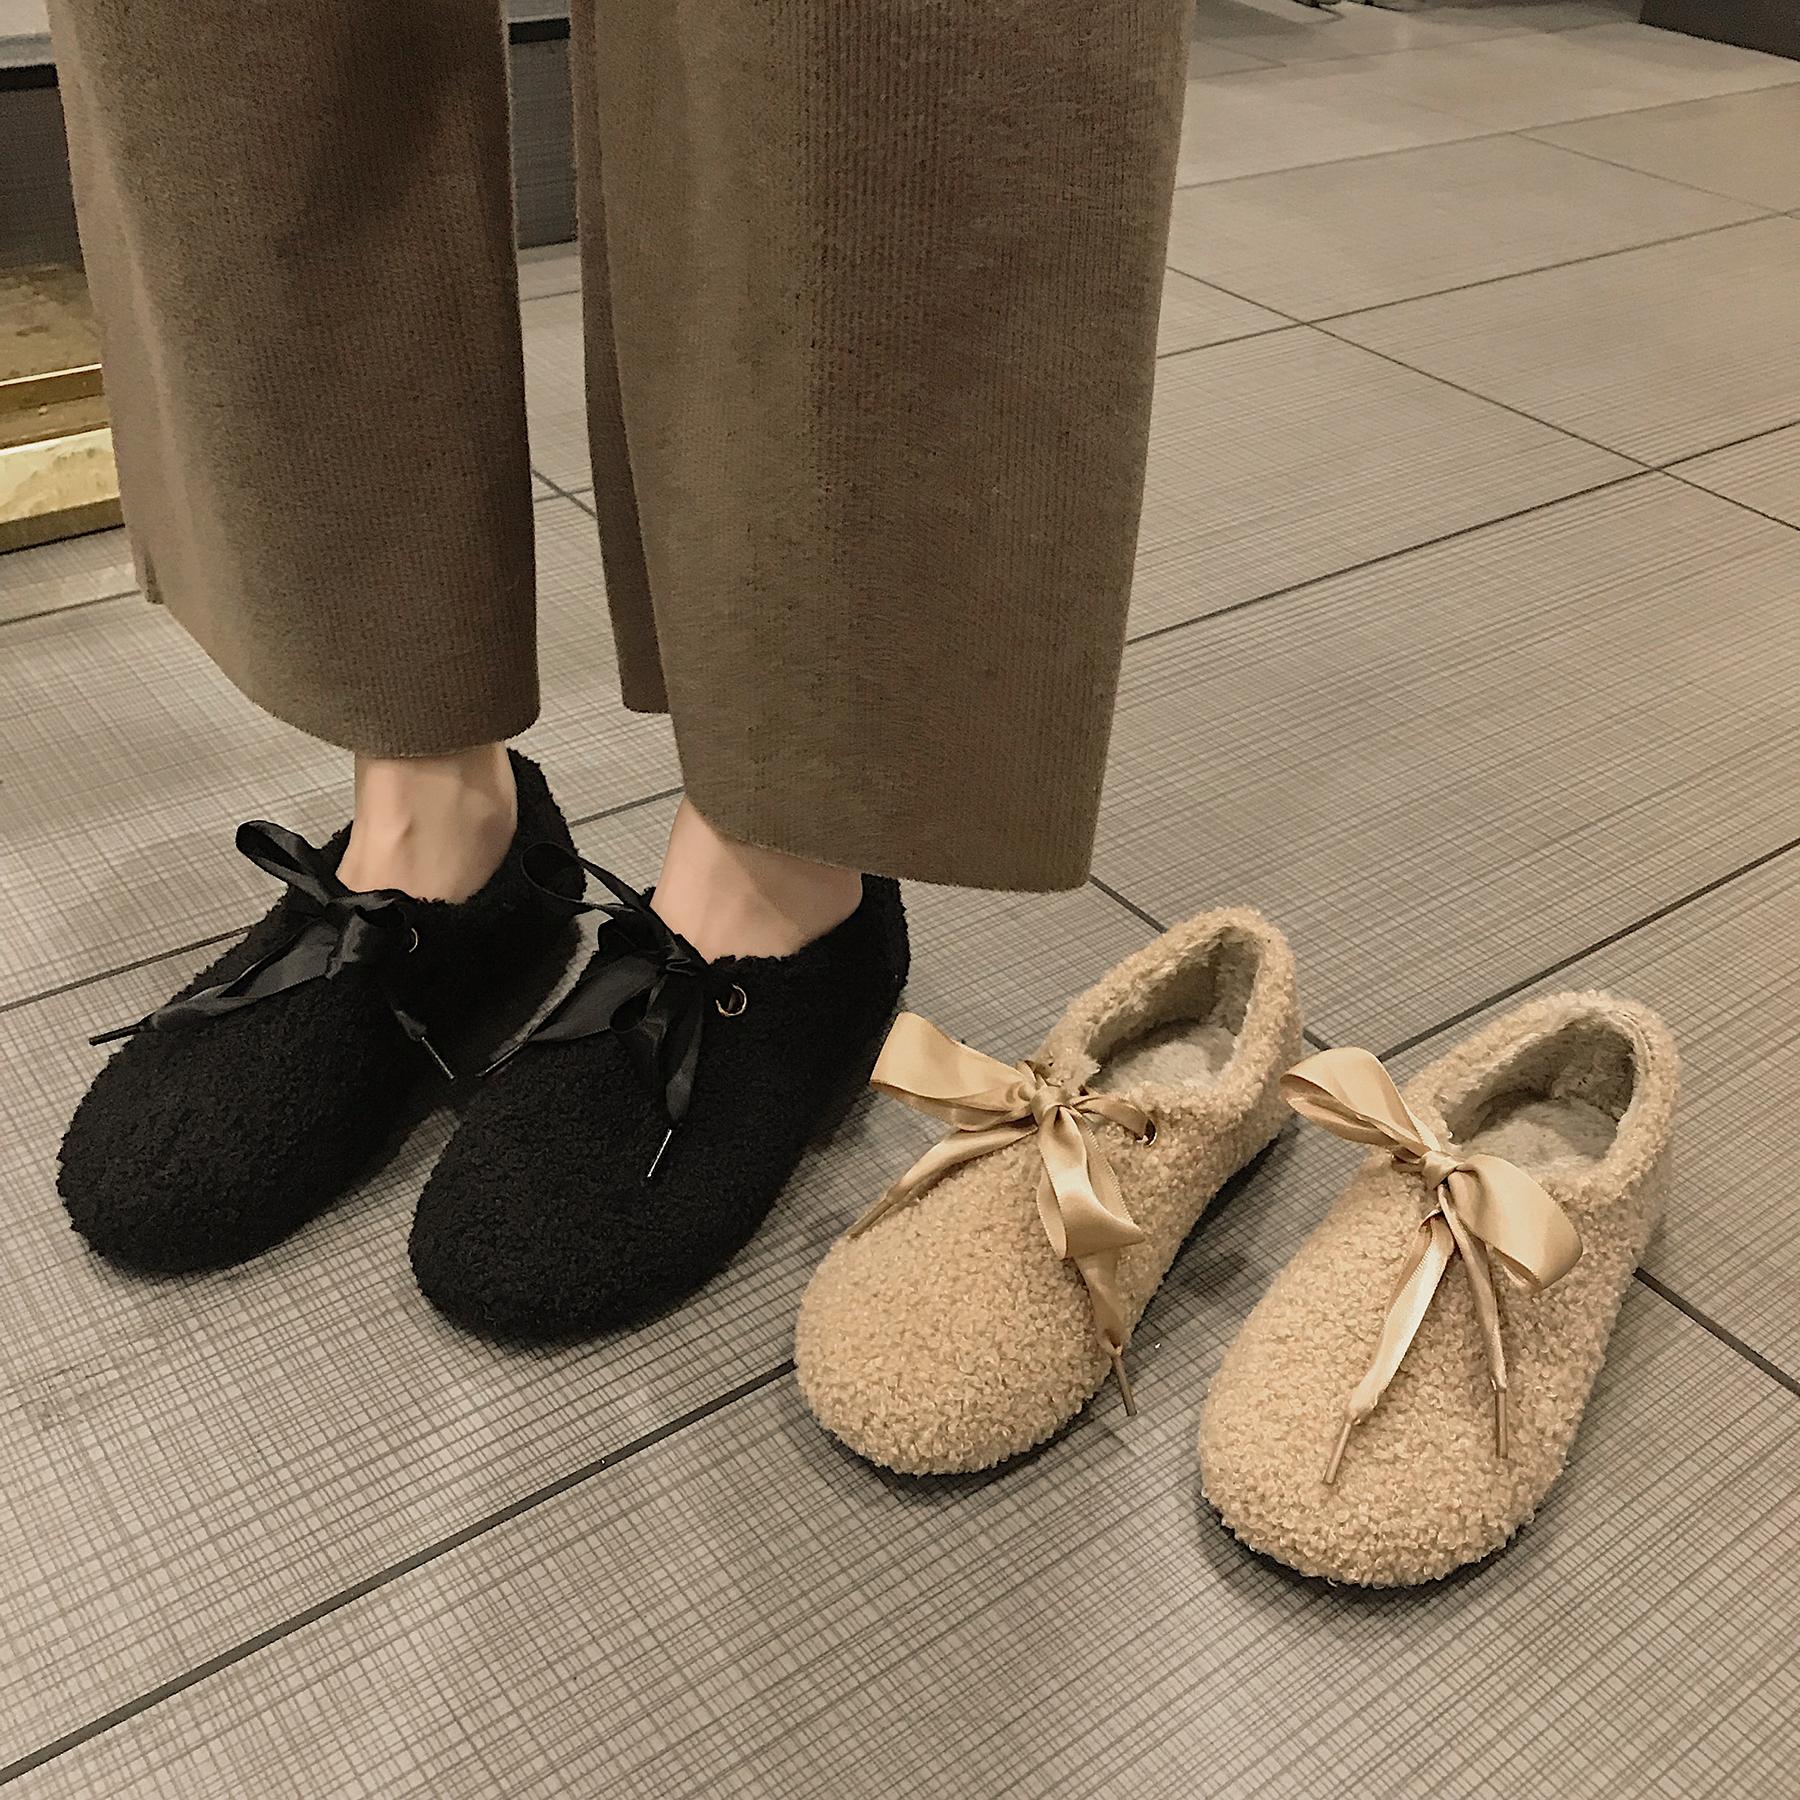 网红一脚蹬豆豆鞋女2018新款韩版百搭蝴蝶结毛毛女鞋平底加绒棉鞋